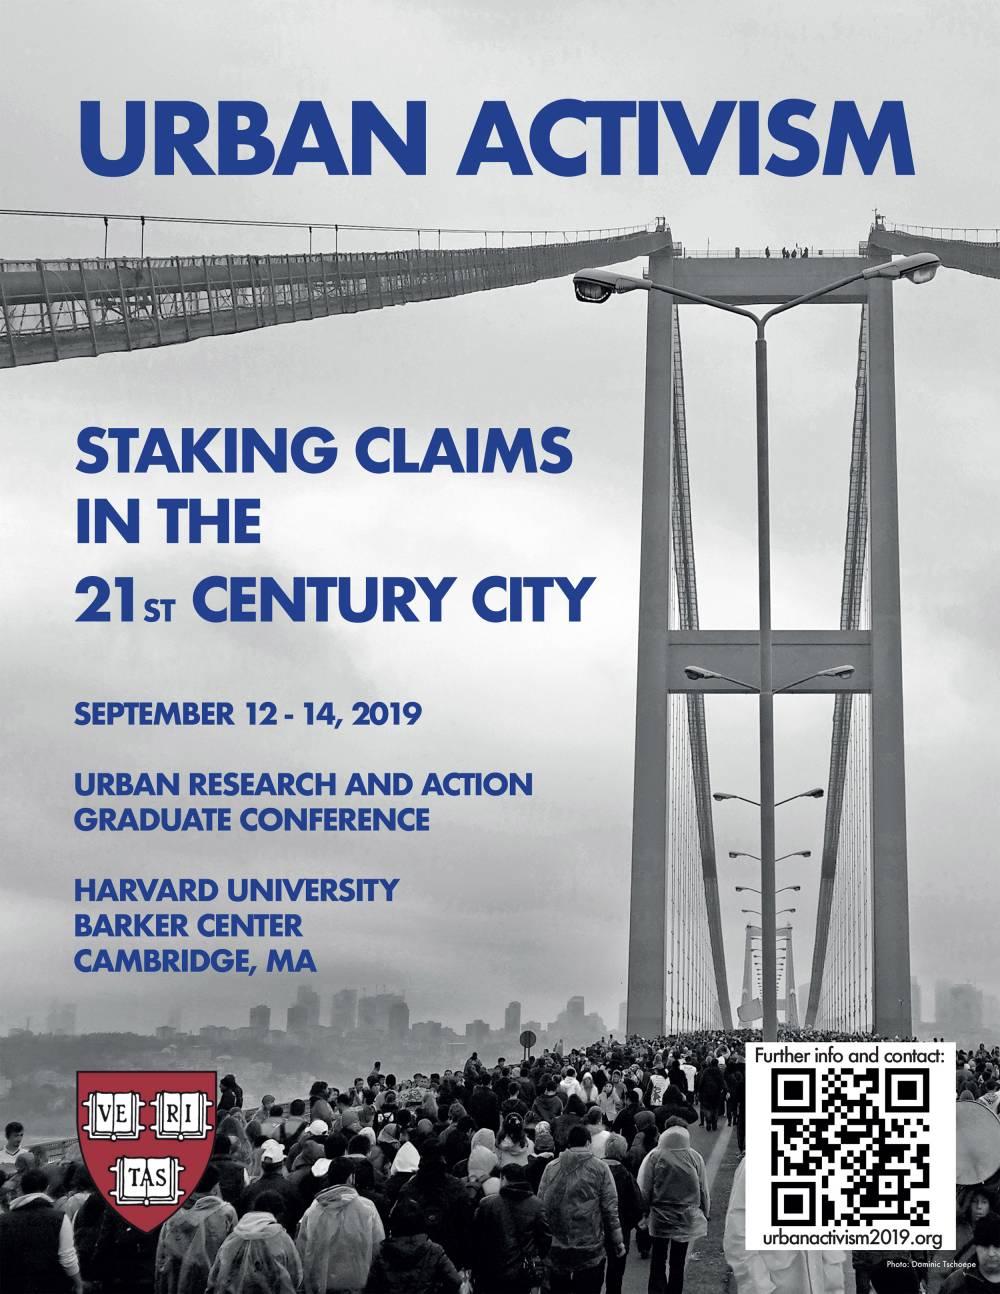 Urban Activism flyer